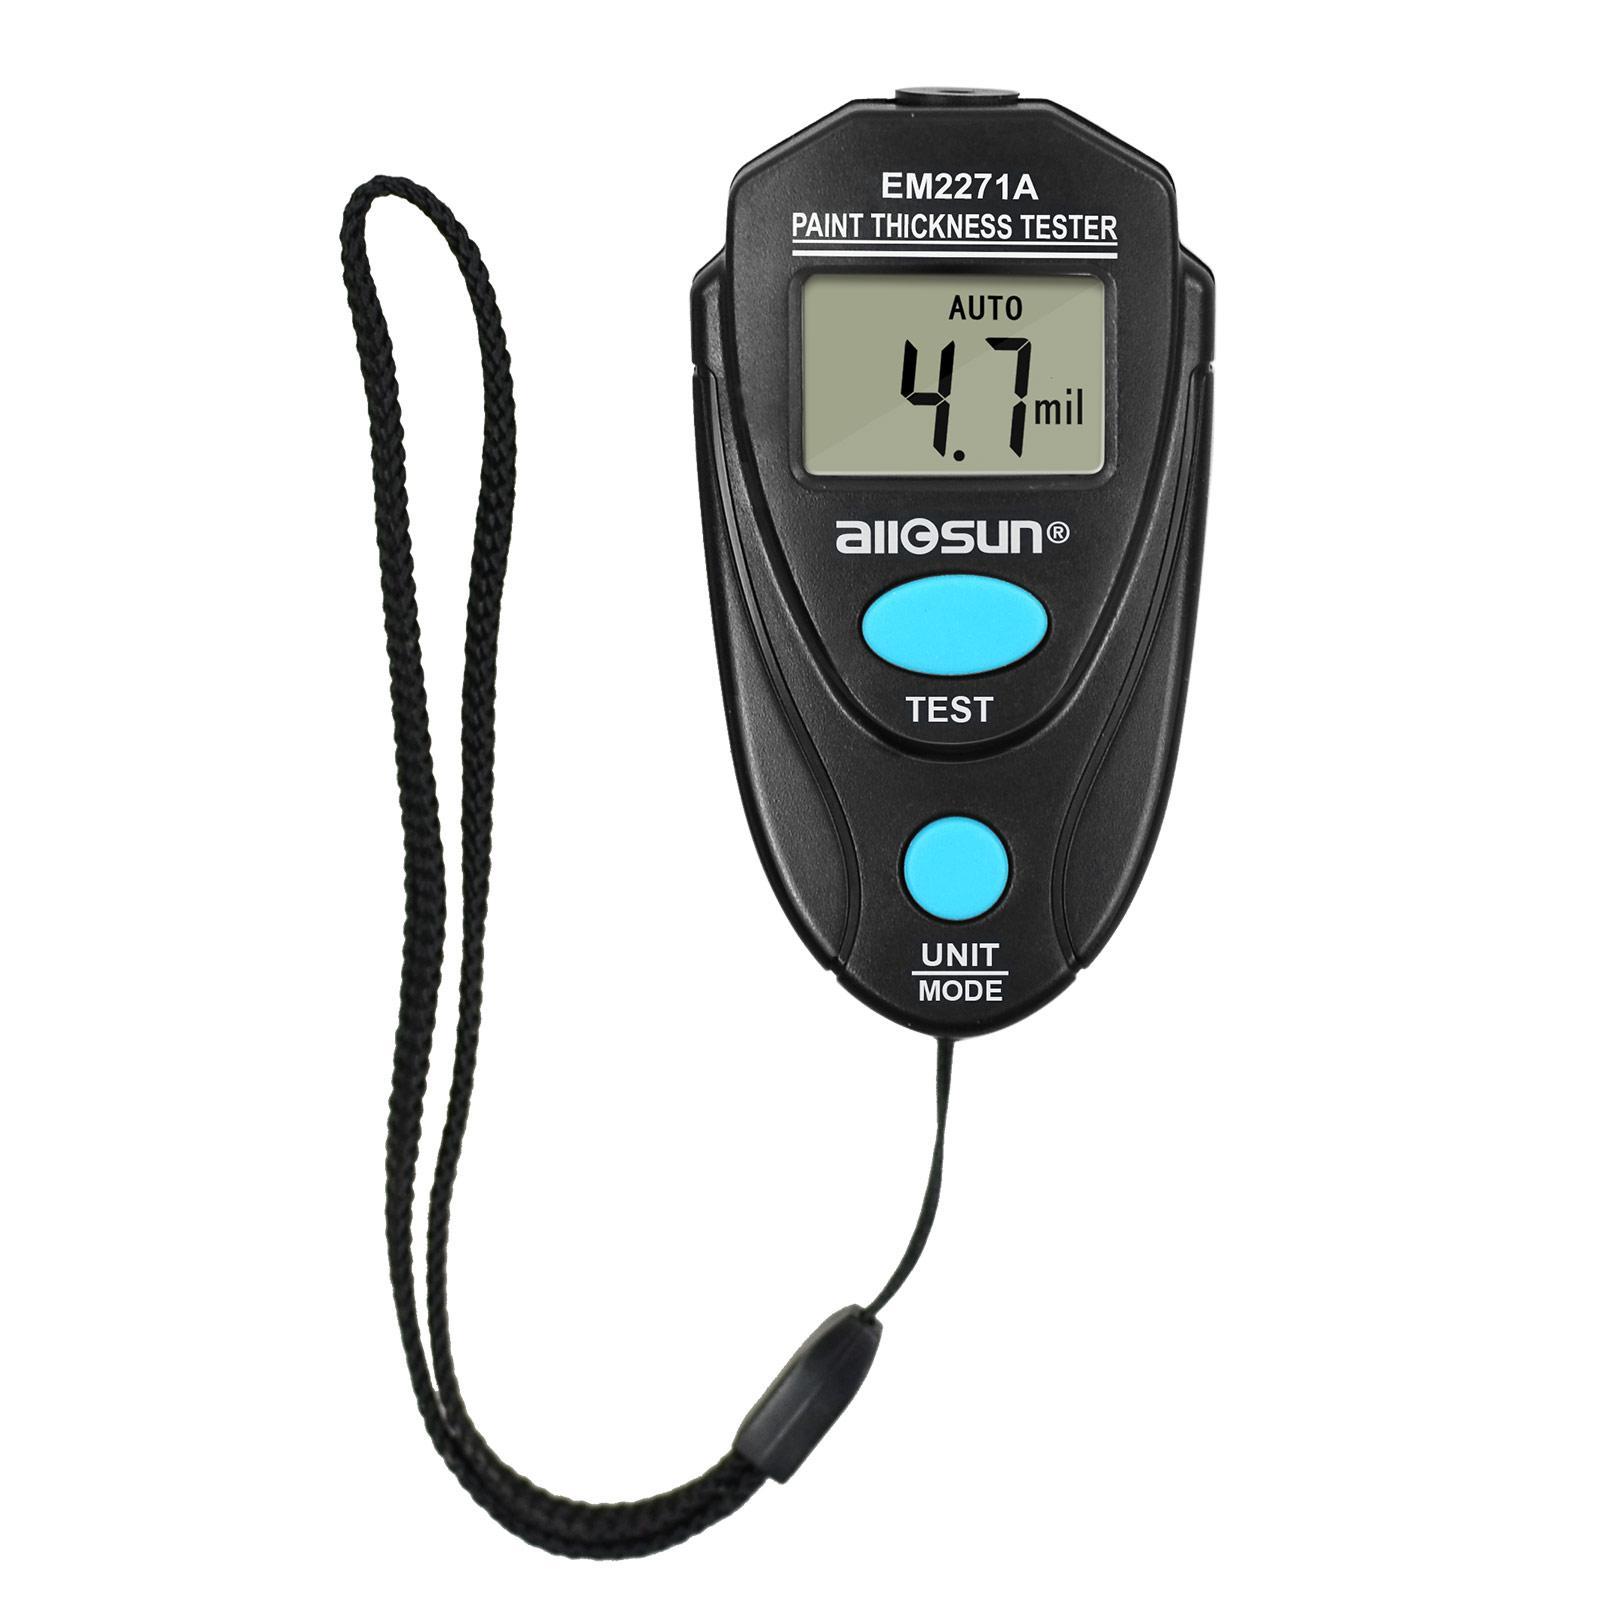 100 % 원래 모든-일 EM2271A 핸드 페인팅 두께 게이지 자동차 코팅 두께 측정기 휴대용 도구보다 나은의 em2271